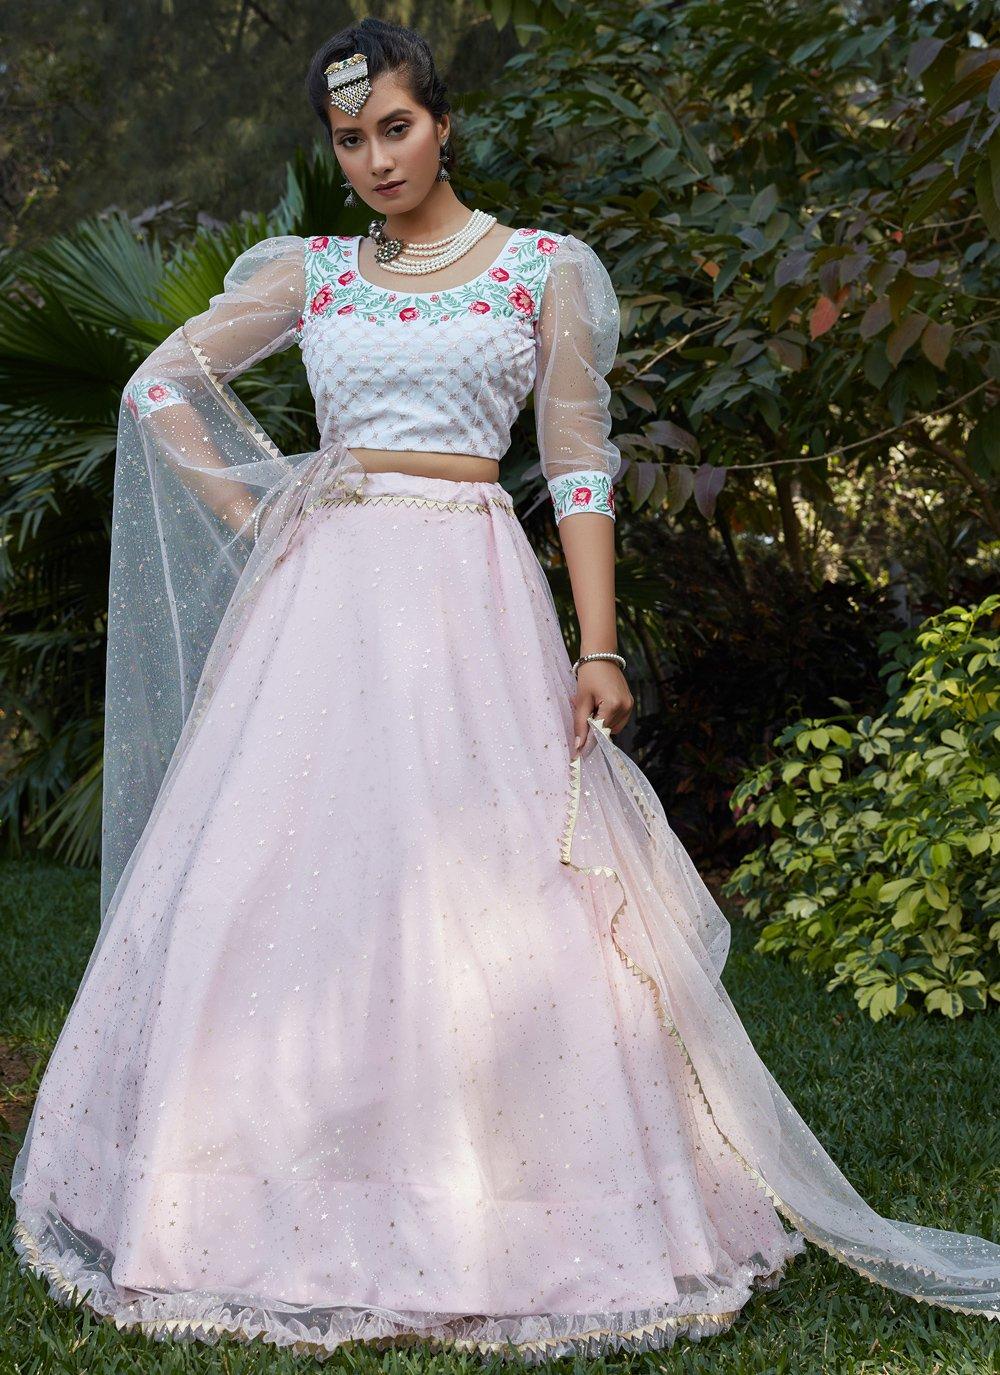 Pink and White Color Lehenga Choli